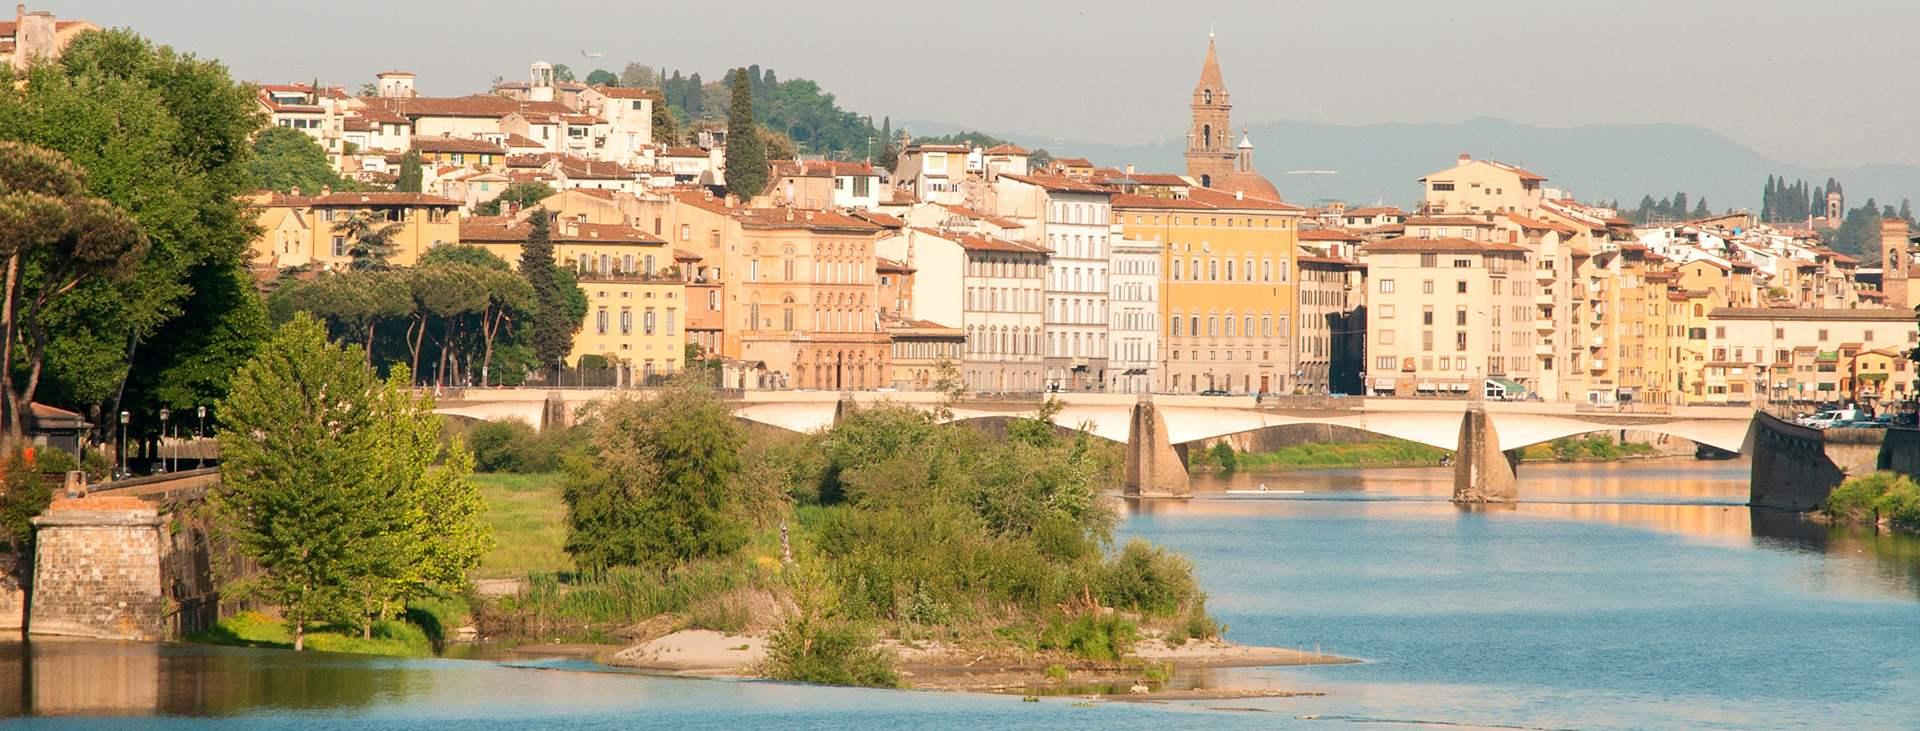 Varaa Tjäreborgilta matkasi Italiaan, maailman taidepääkaupunkiin - Firenzeen